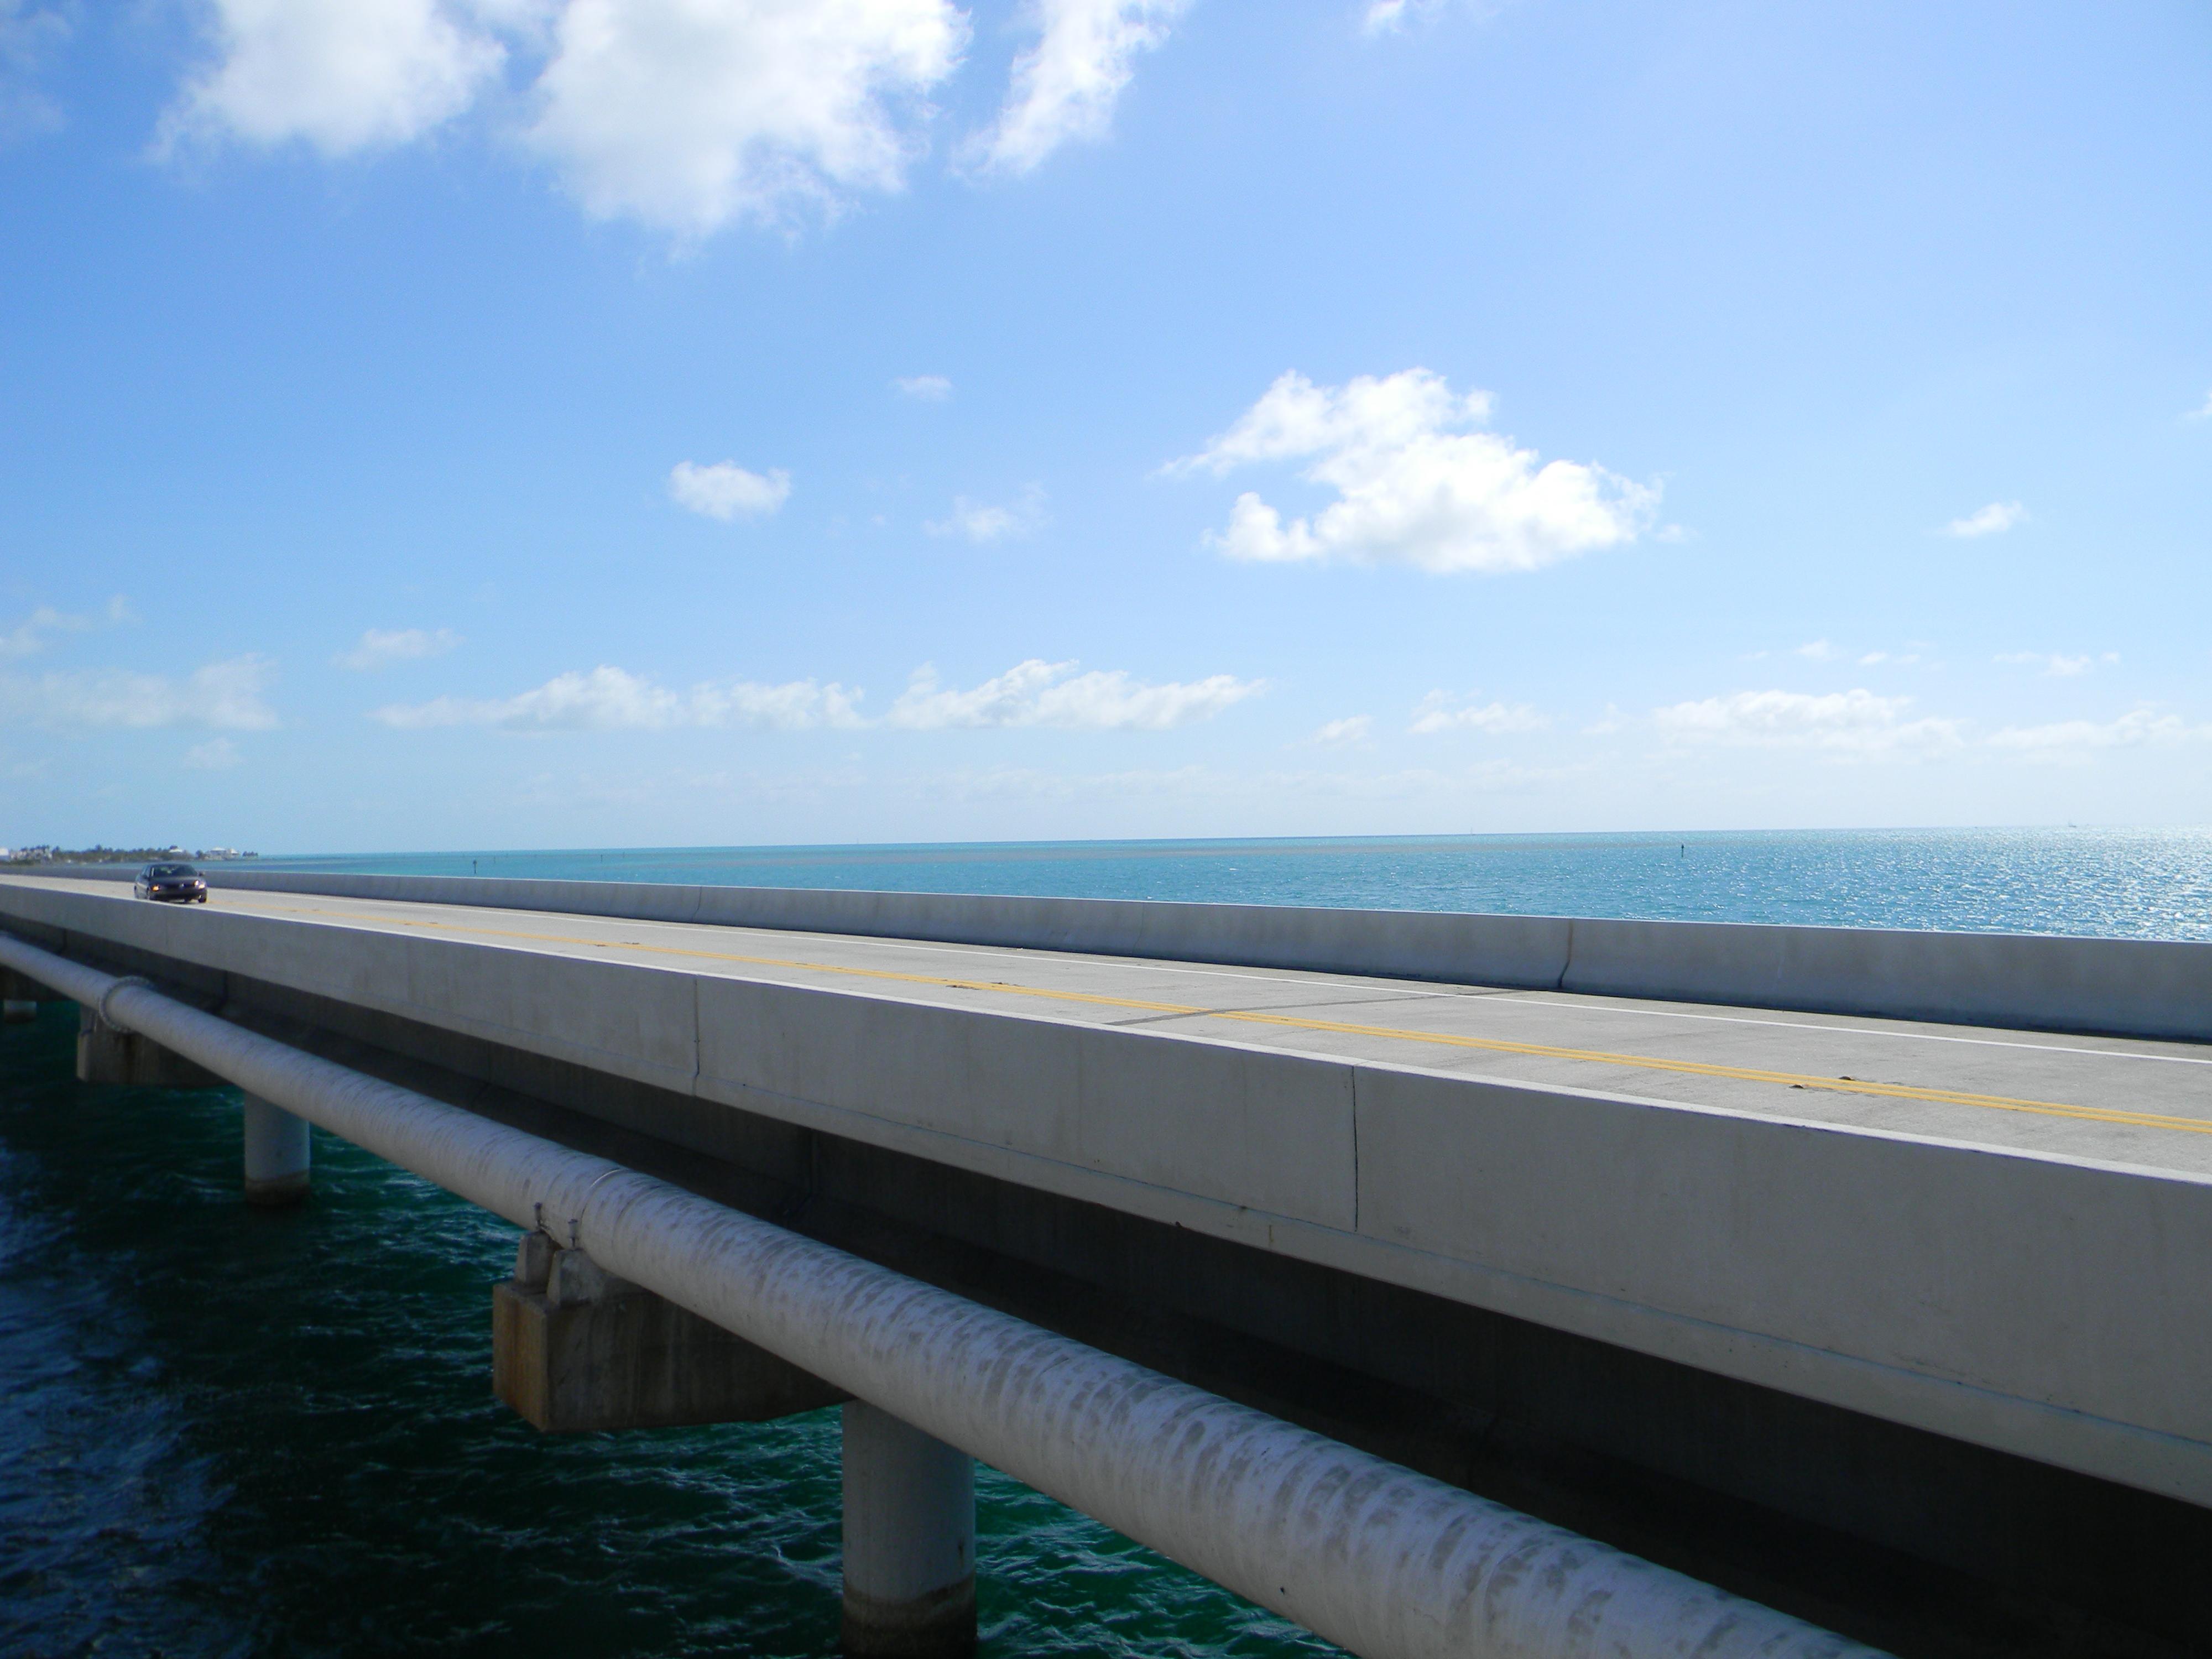 Der Weg nach Key West führt über Brücken